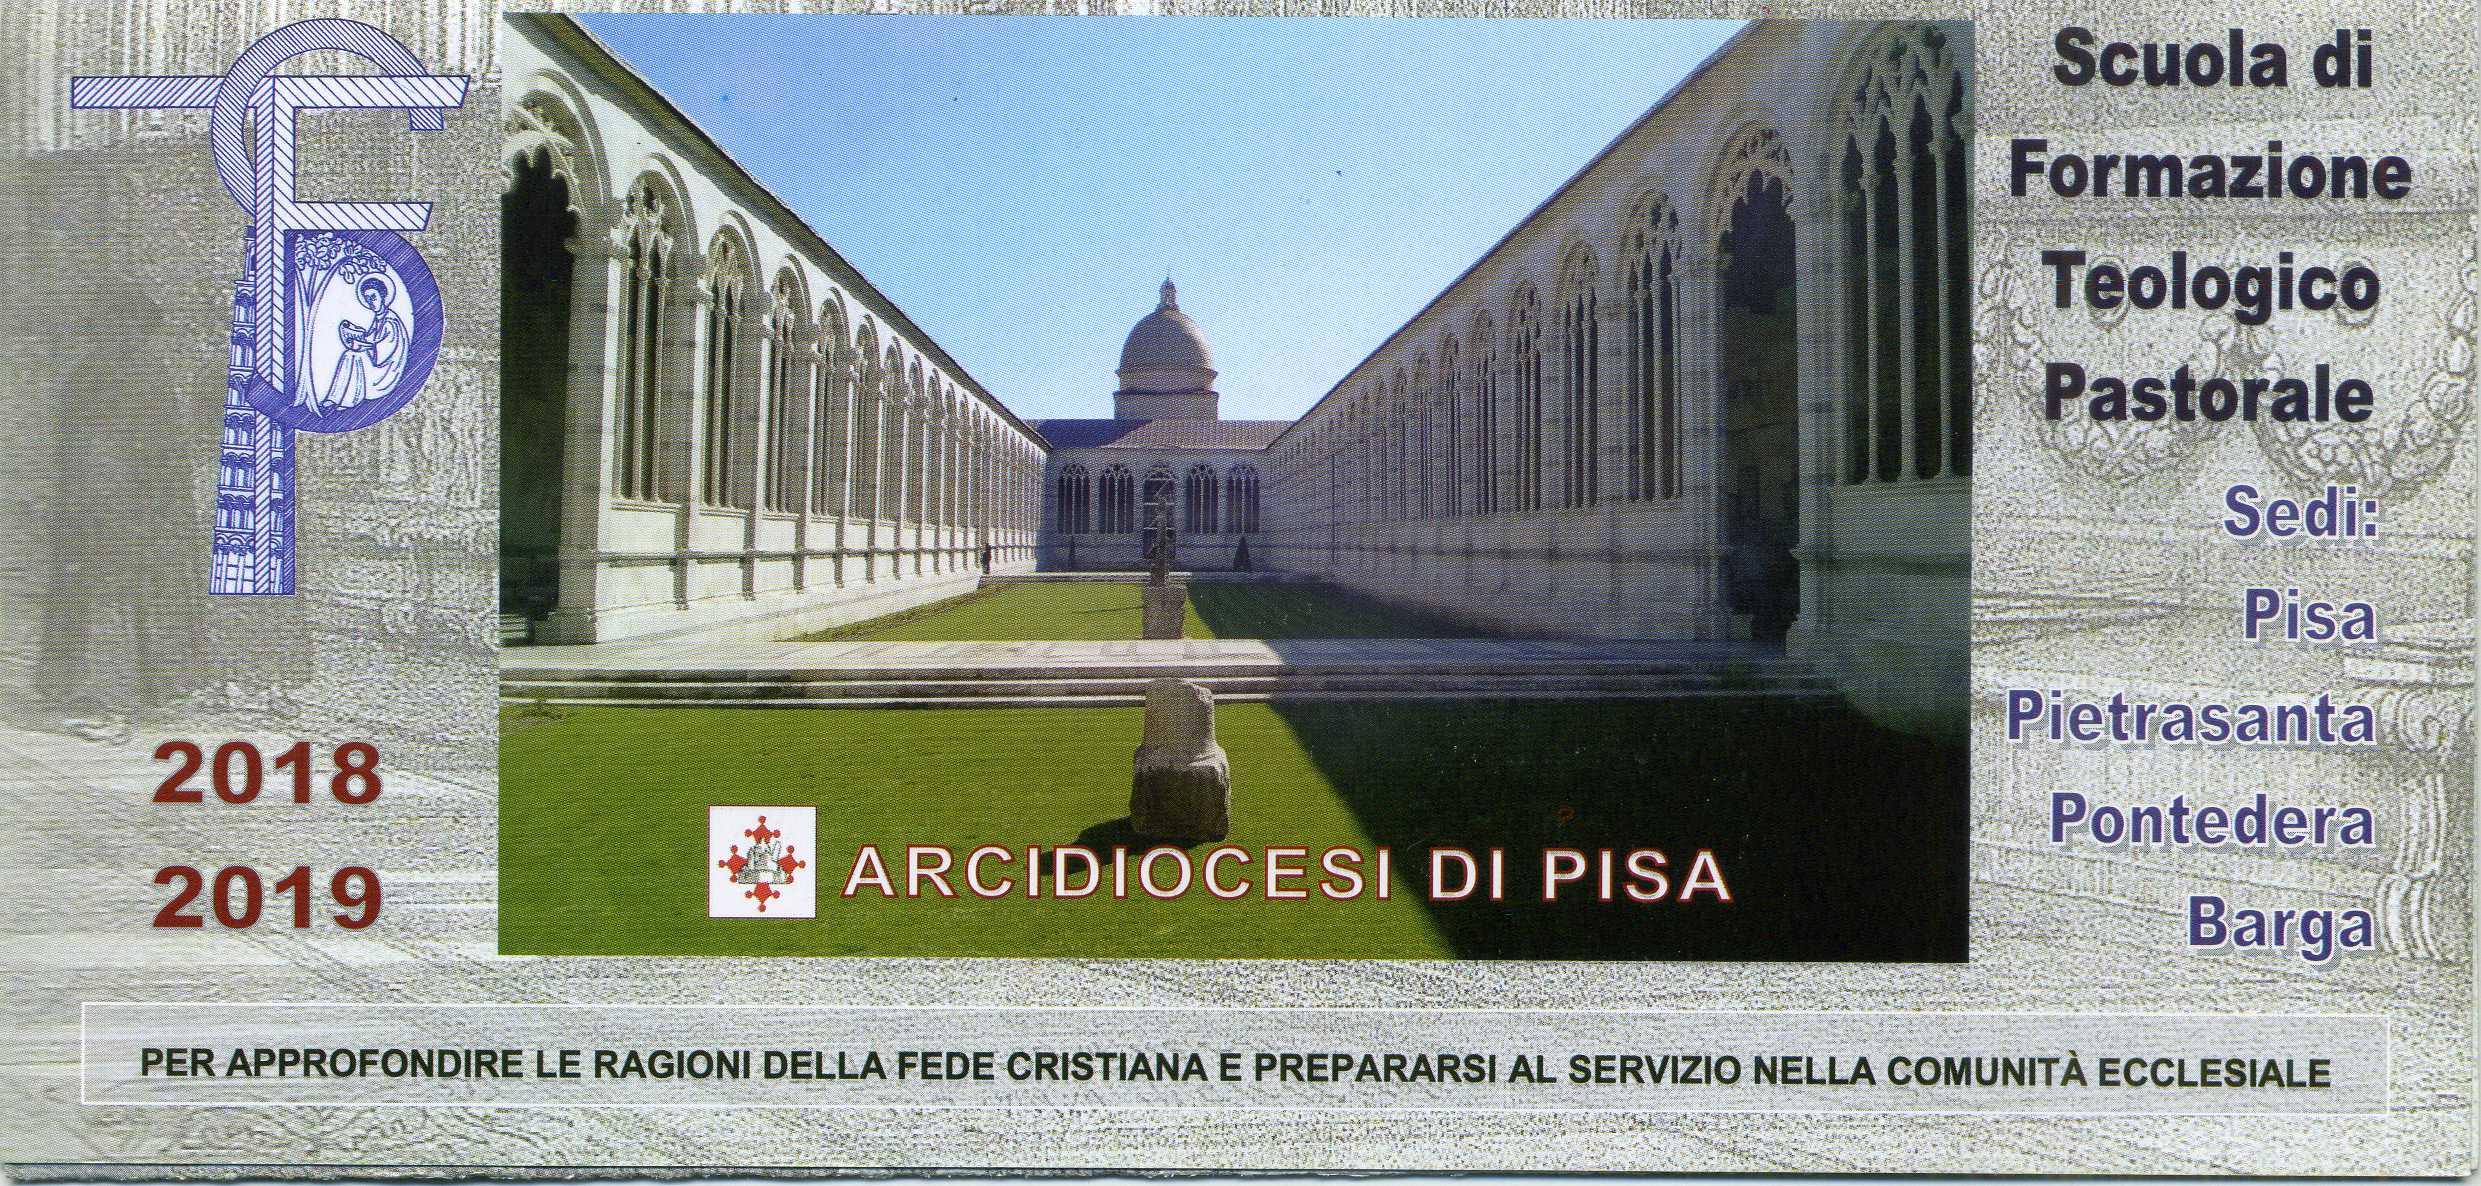 Scuola Formazione Teologica 2018